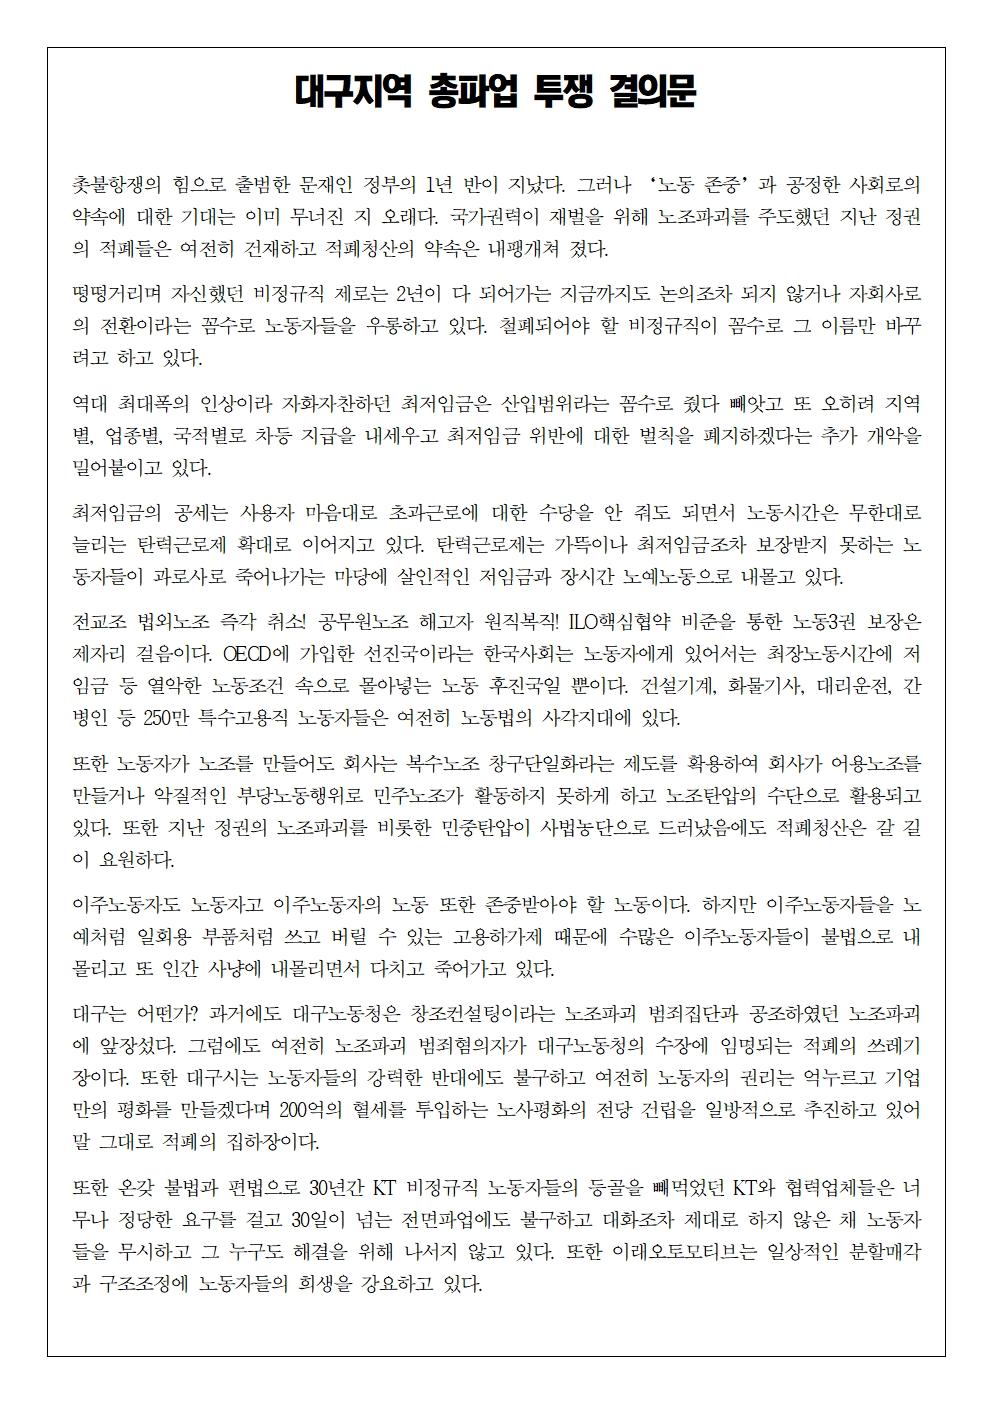 총파업투쟁결의문최종001.jpg